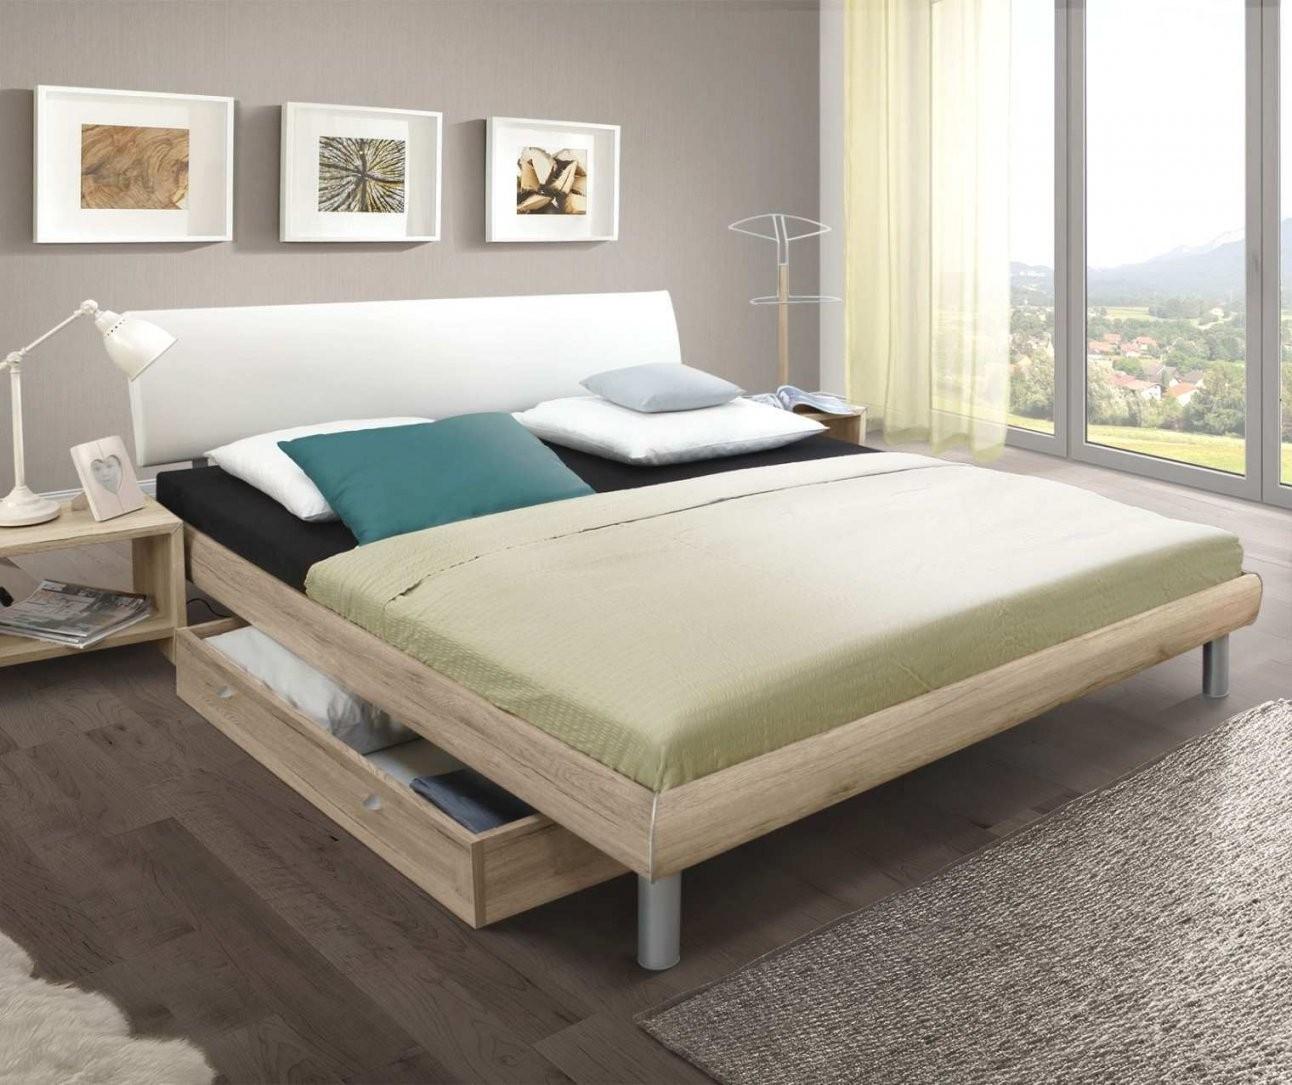 Bett Mit Matratze Und Lattenrost 160×200 Besonderes Konzept von Bett Mit Matratze Und Lattenrost 160X200 Photo